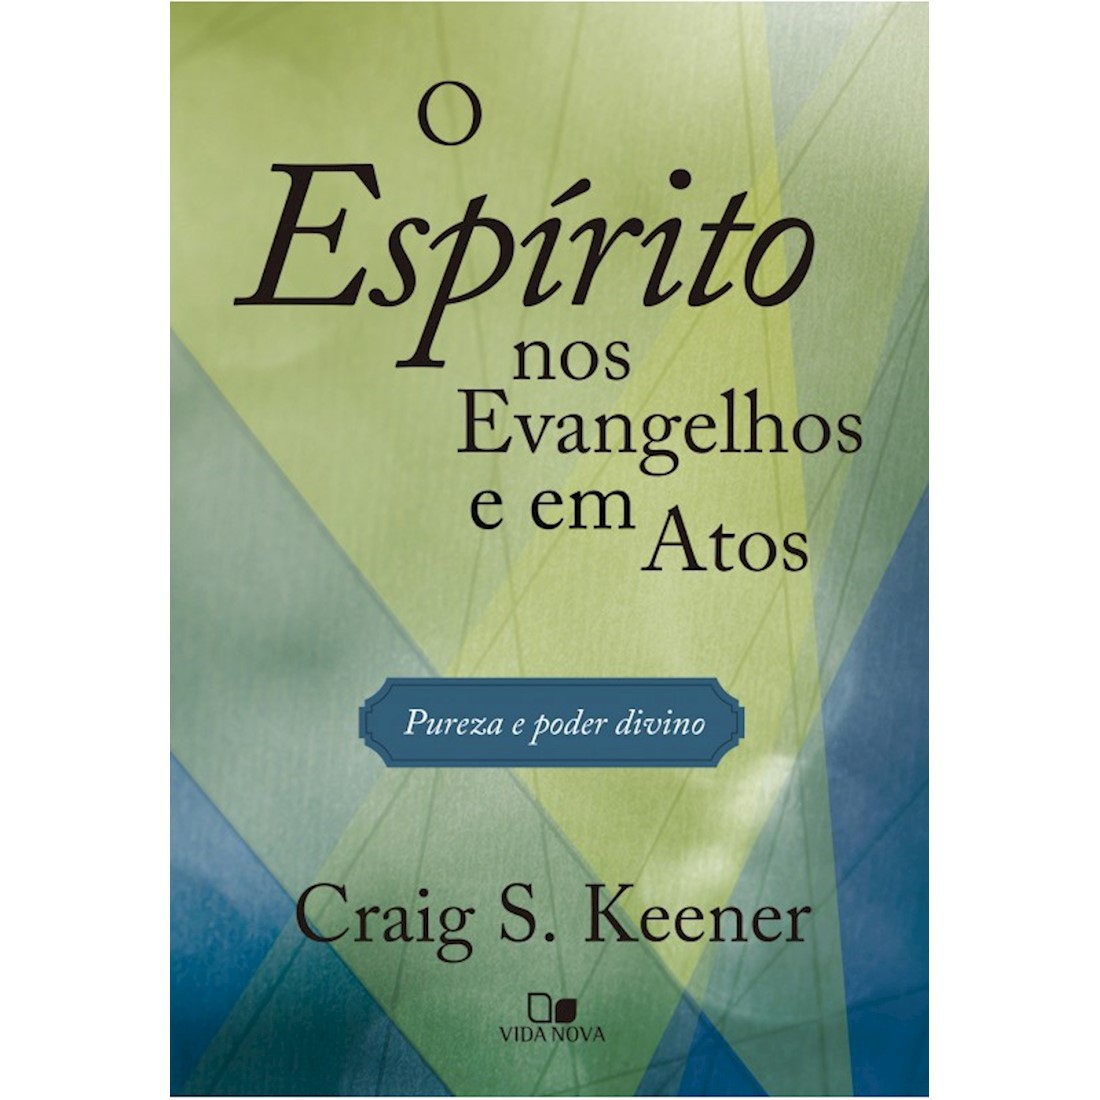 Livro O Espírito nos Evangelhos e em Atos